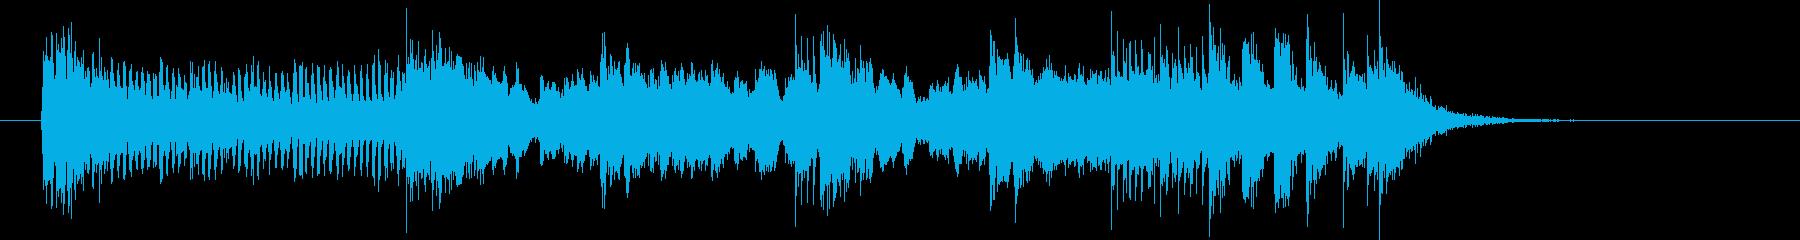 現代的なテクノとロックの融合の再生済みの波形